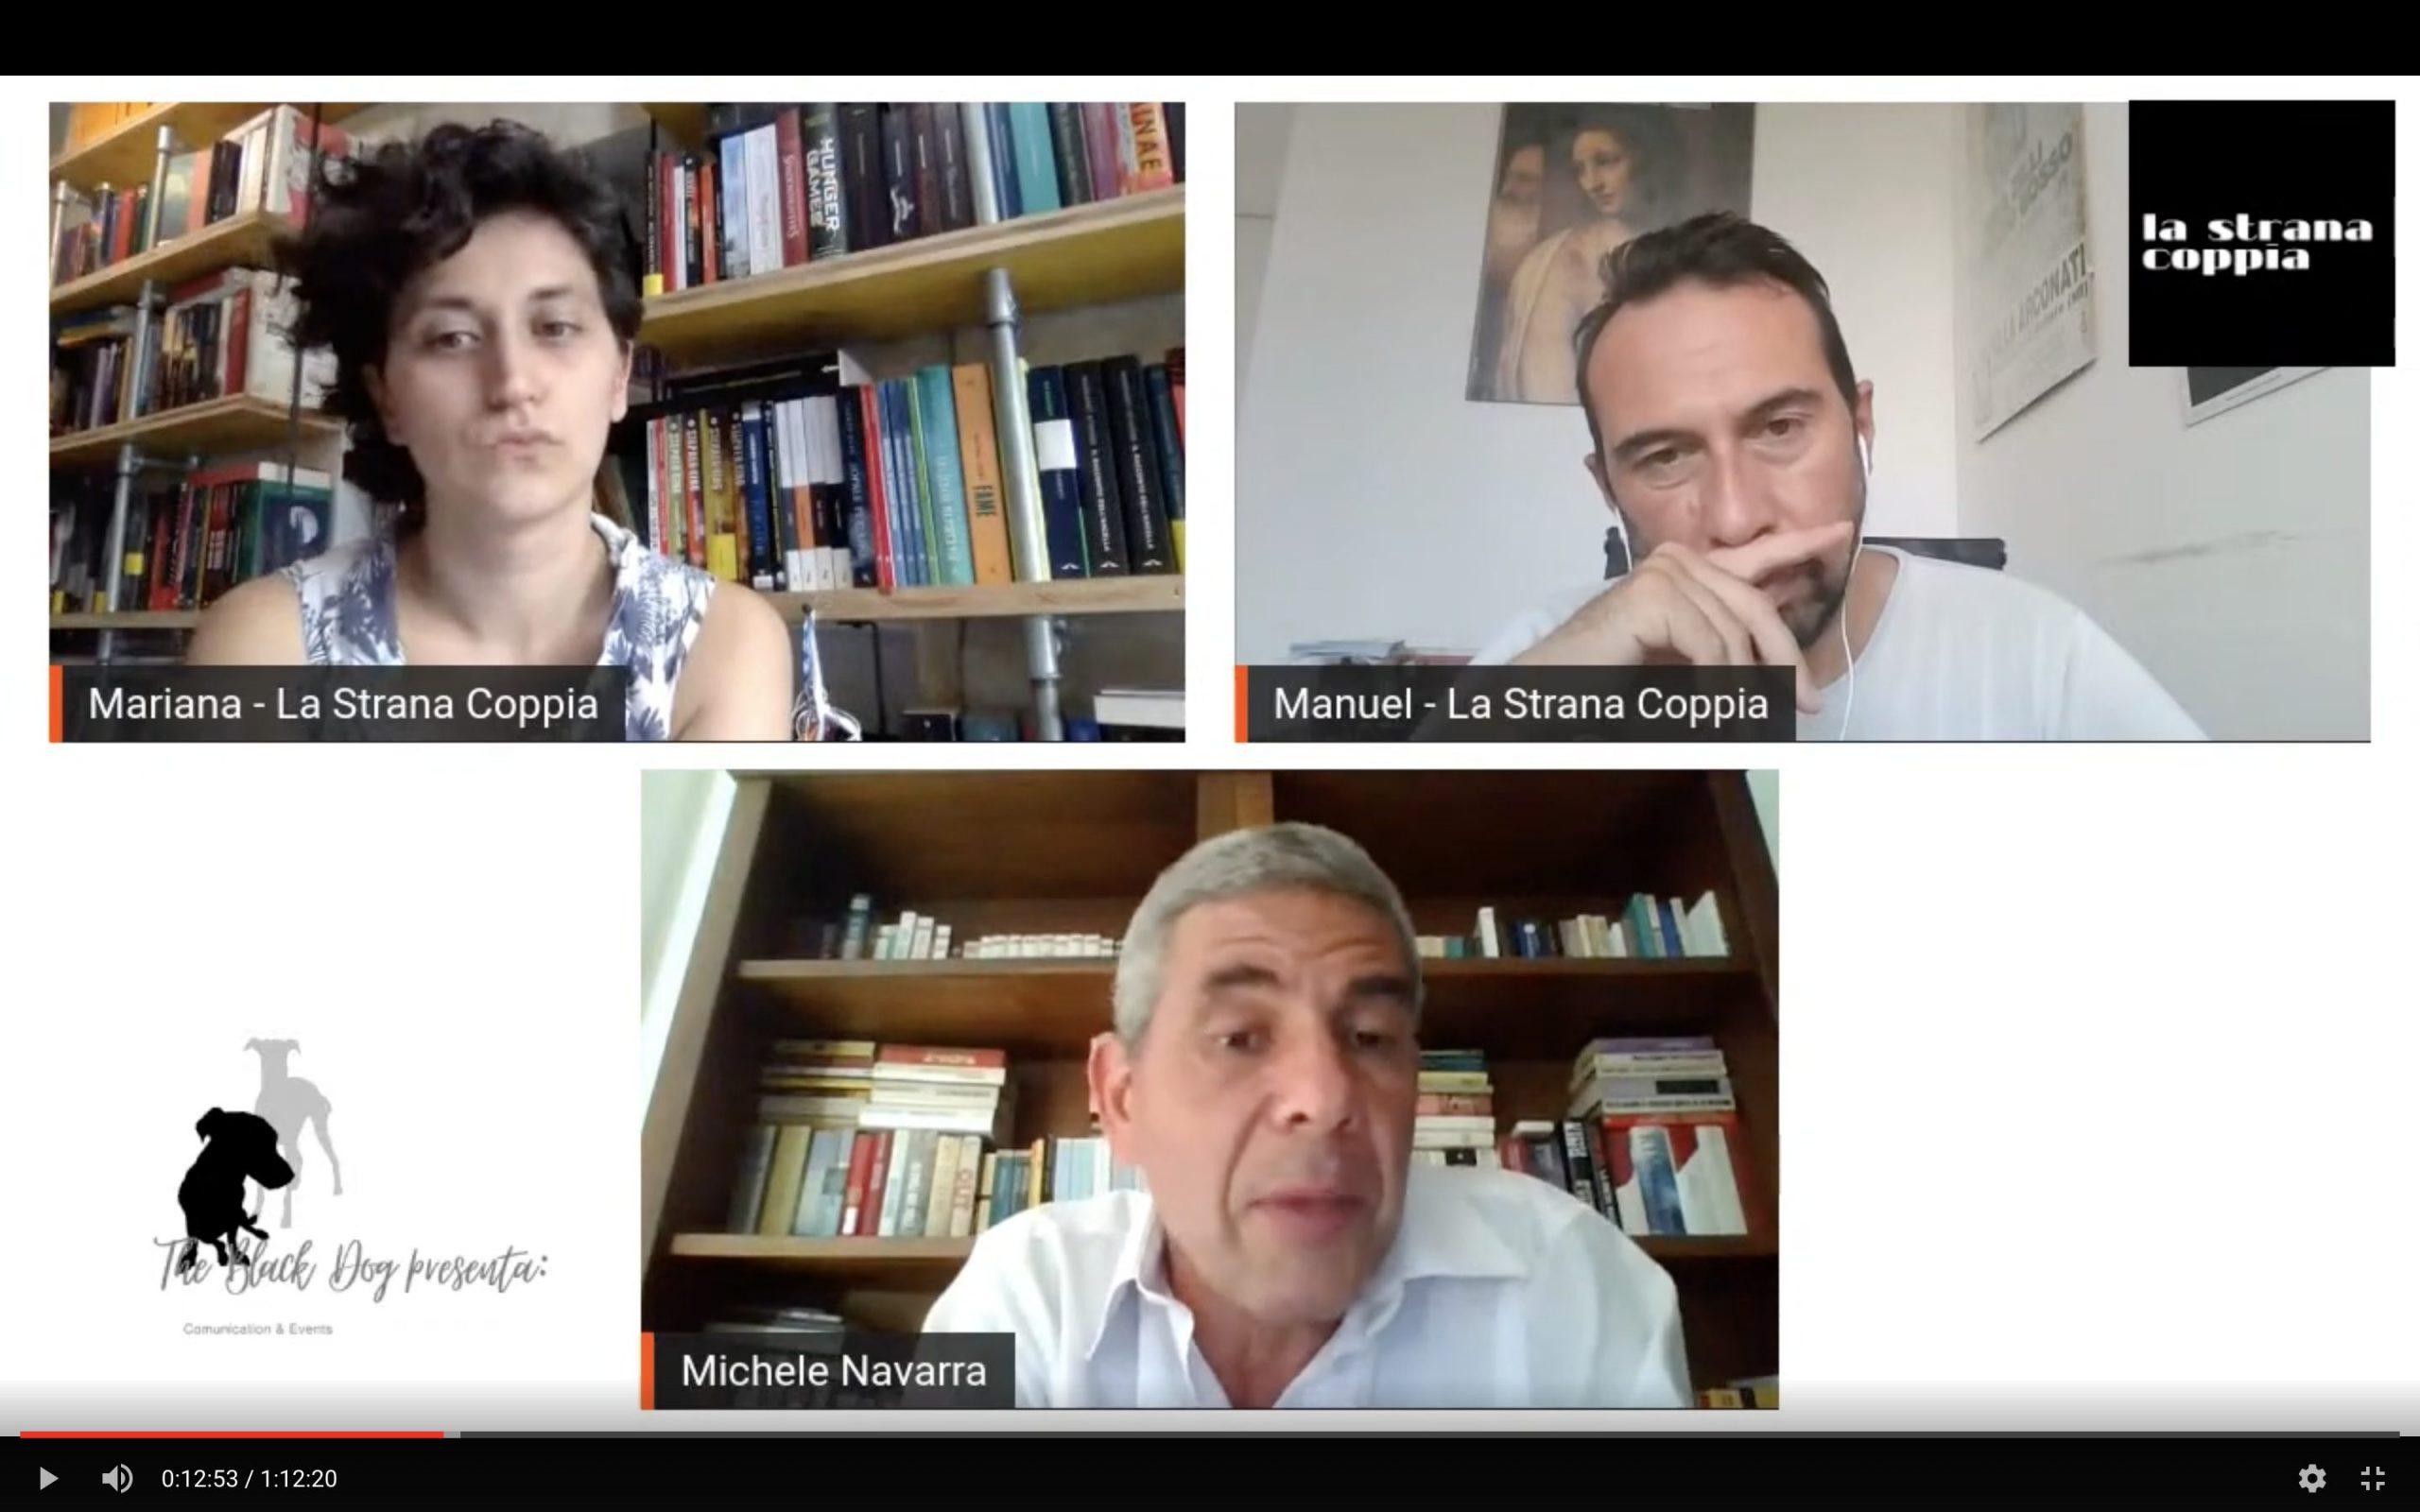 DirettaAperta con Michele Navarra #LaStranaCoppia Talk Show